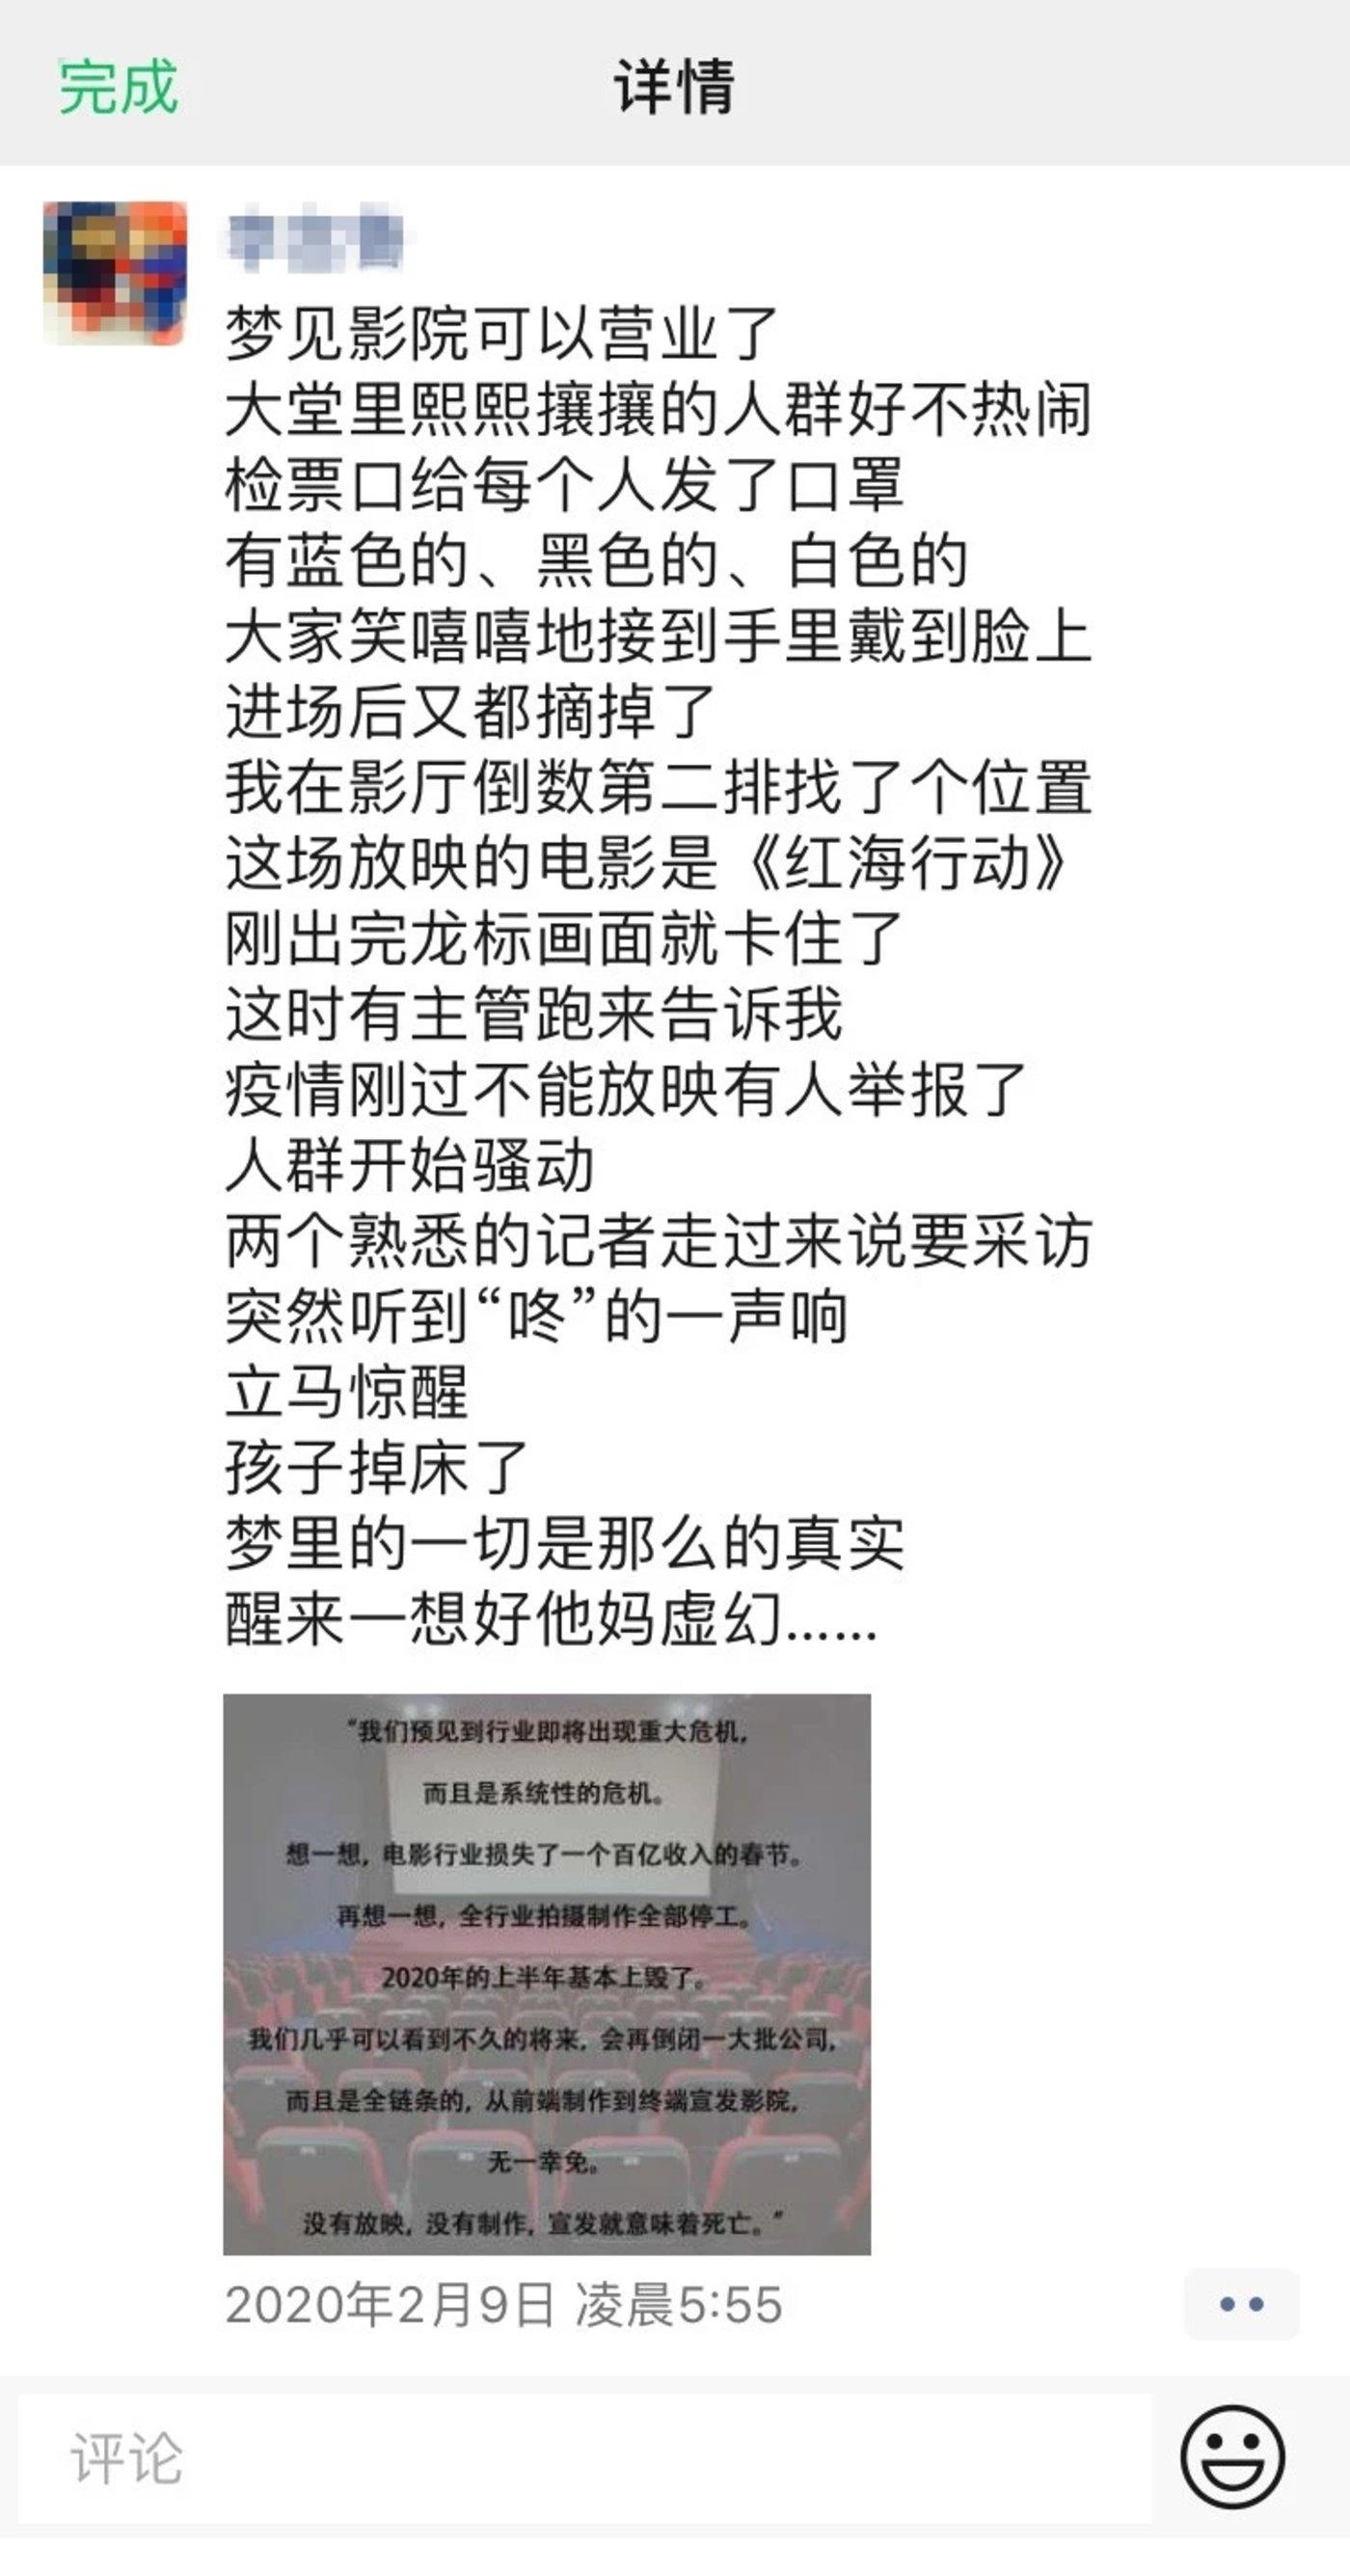 图片来源@公众号:董小姐说电影